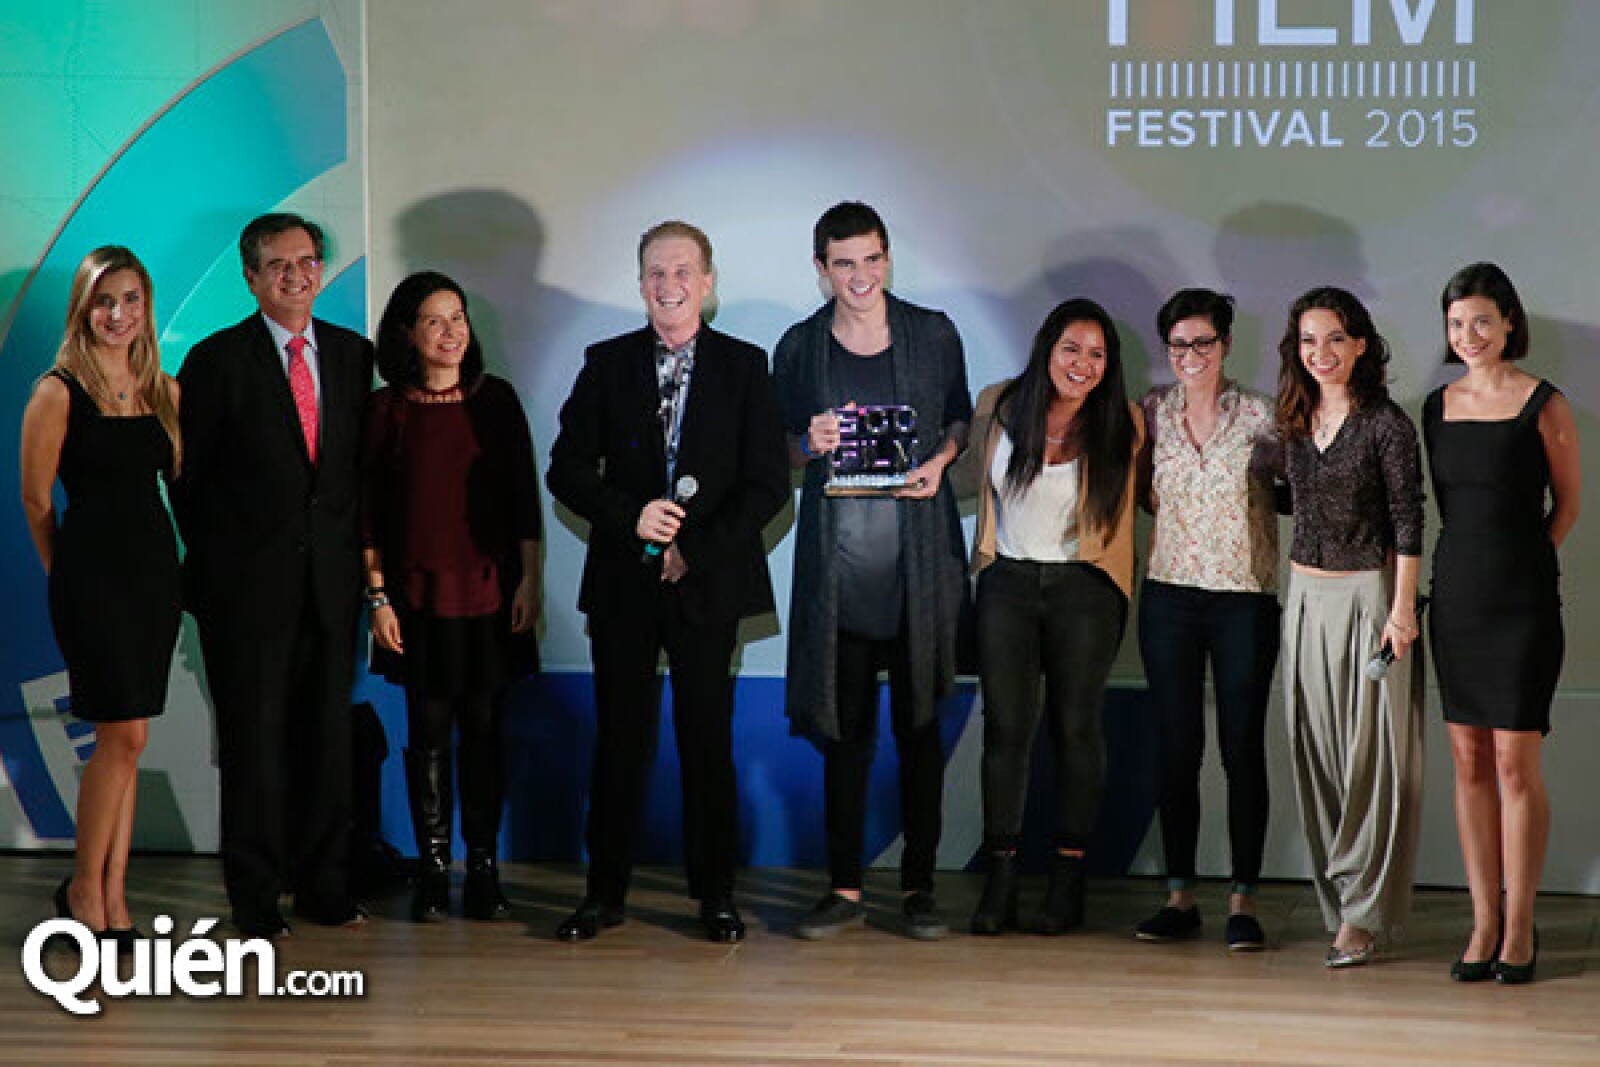 Rodolfo Lacy,Arcelia Ramírez,Emmanuel Acha,Héctor Garza,Jimena Chowell,Sofía Auza y Liliana Flores